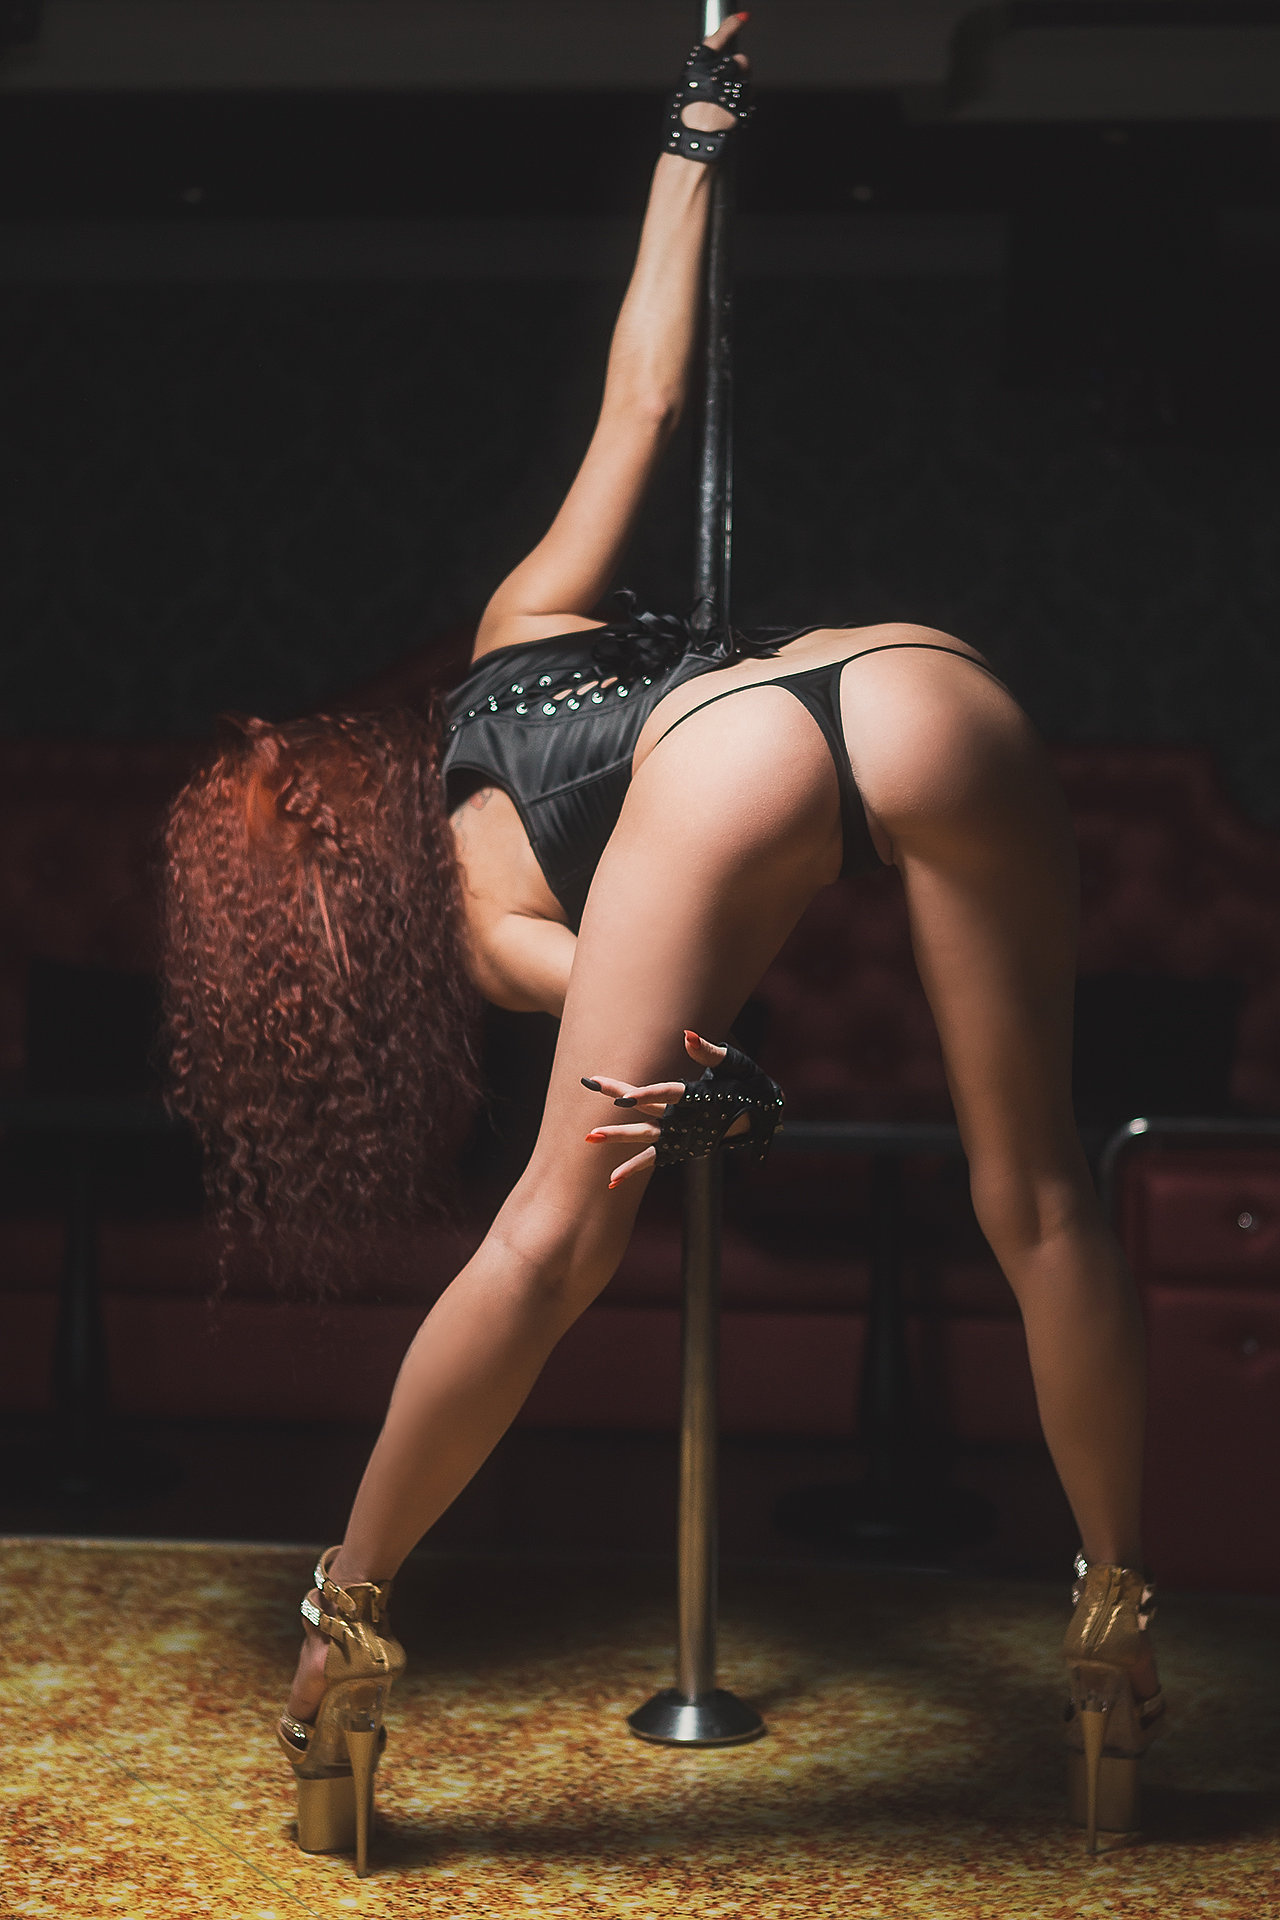 Салон эротического массажа тольятти 8 фотография